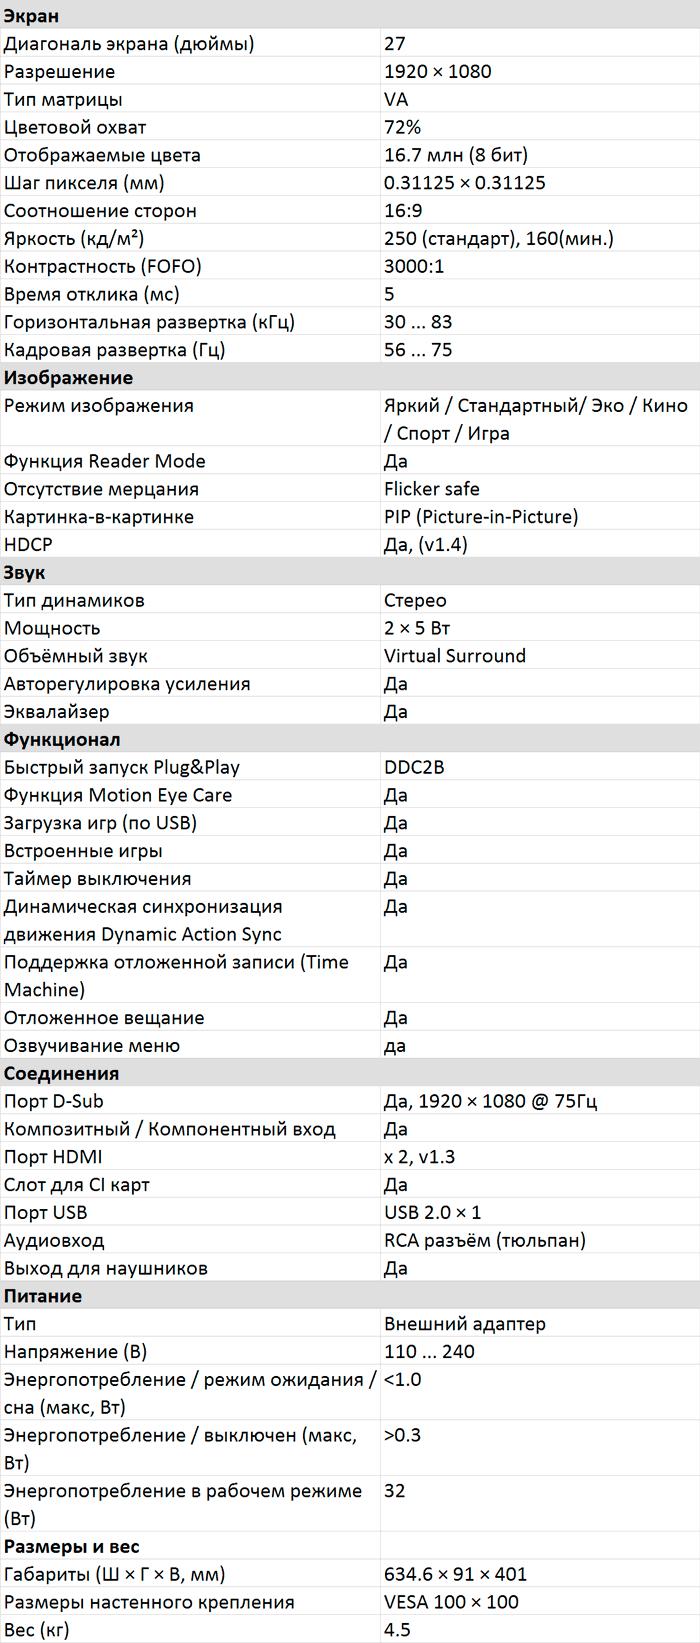 LG 27TK600V WZ 27 характеристики